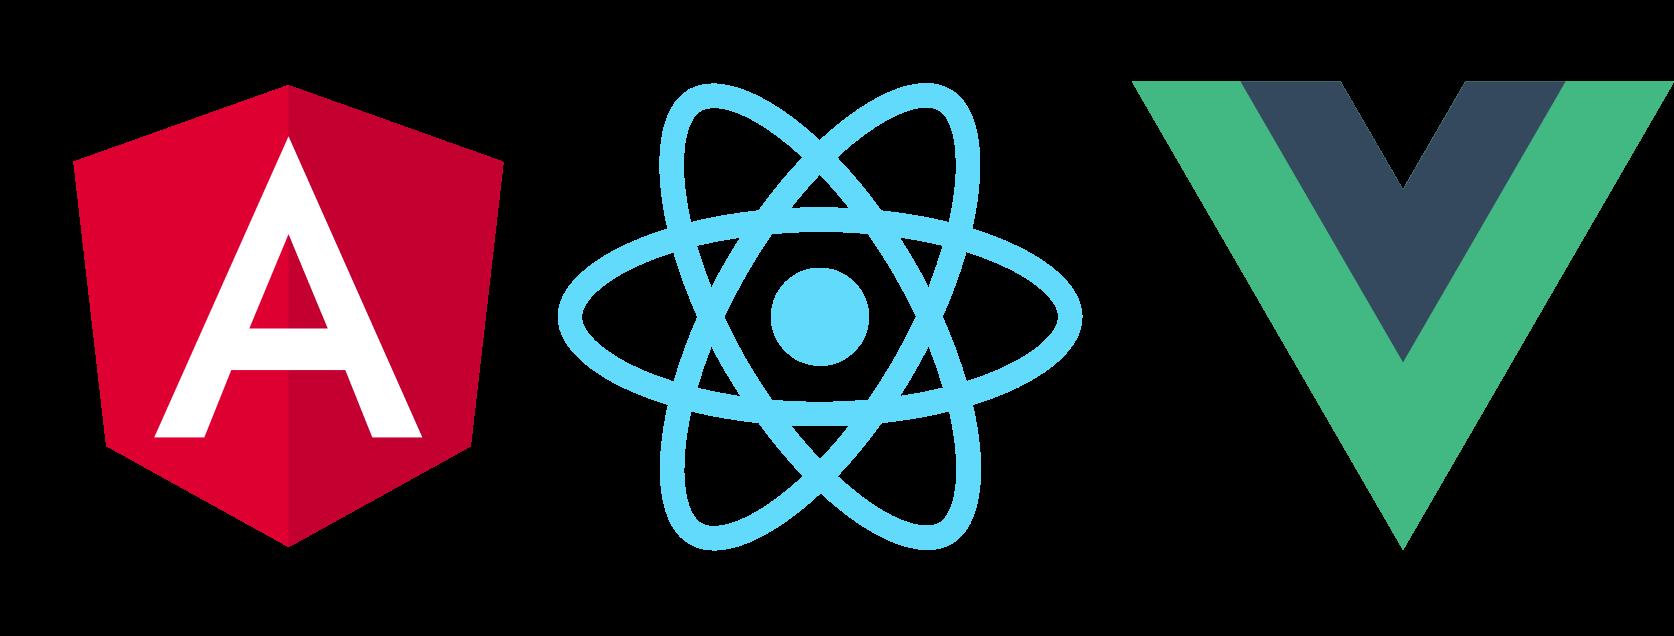 Angular、React、Vue.jsの最新バージョンをサポート